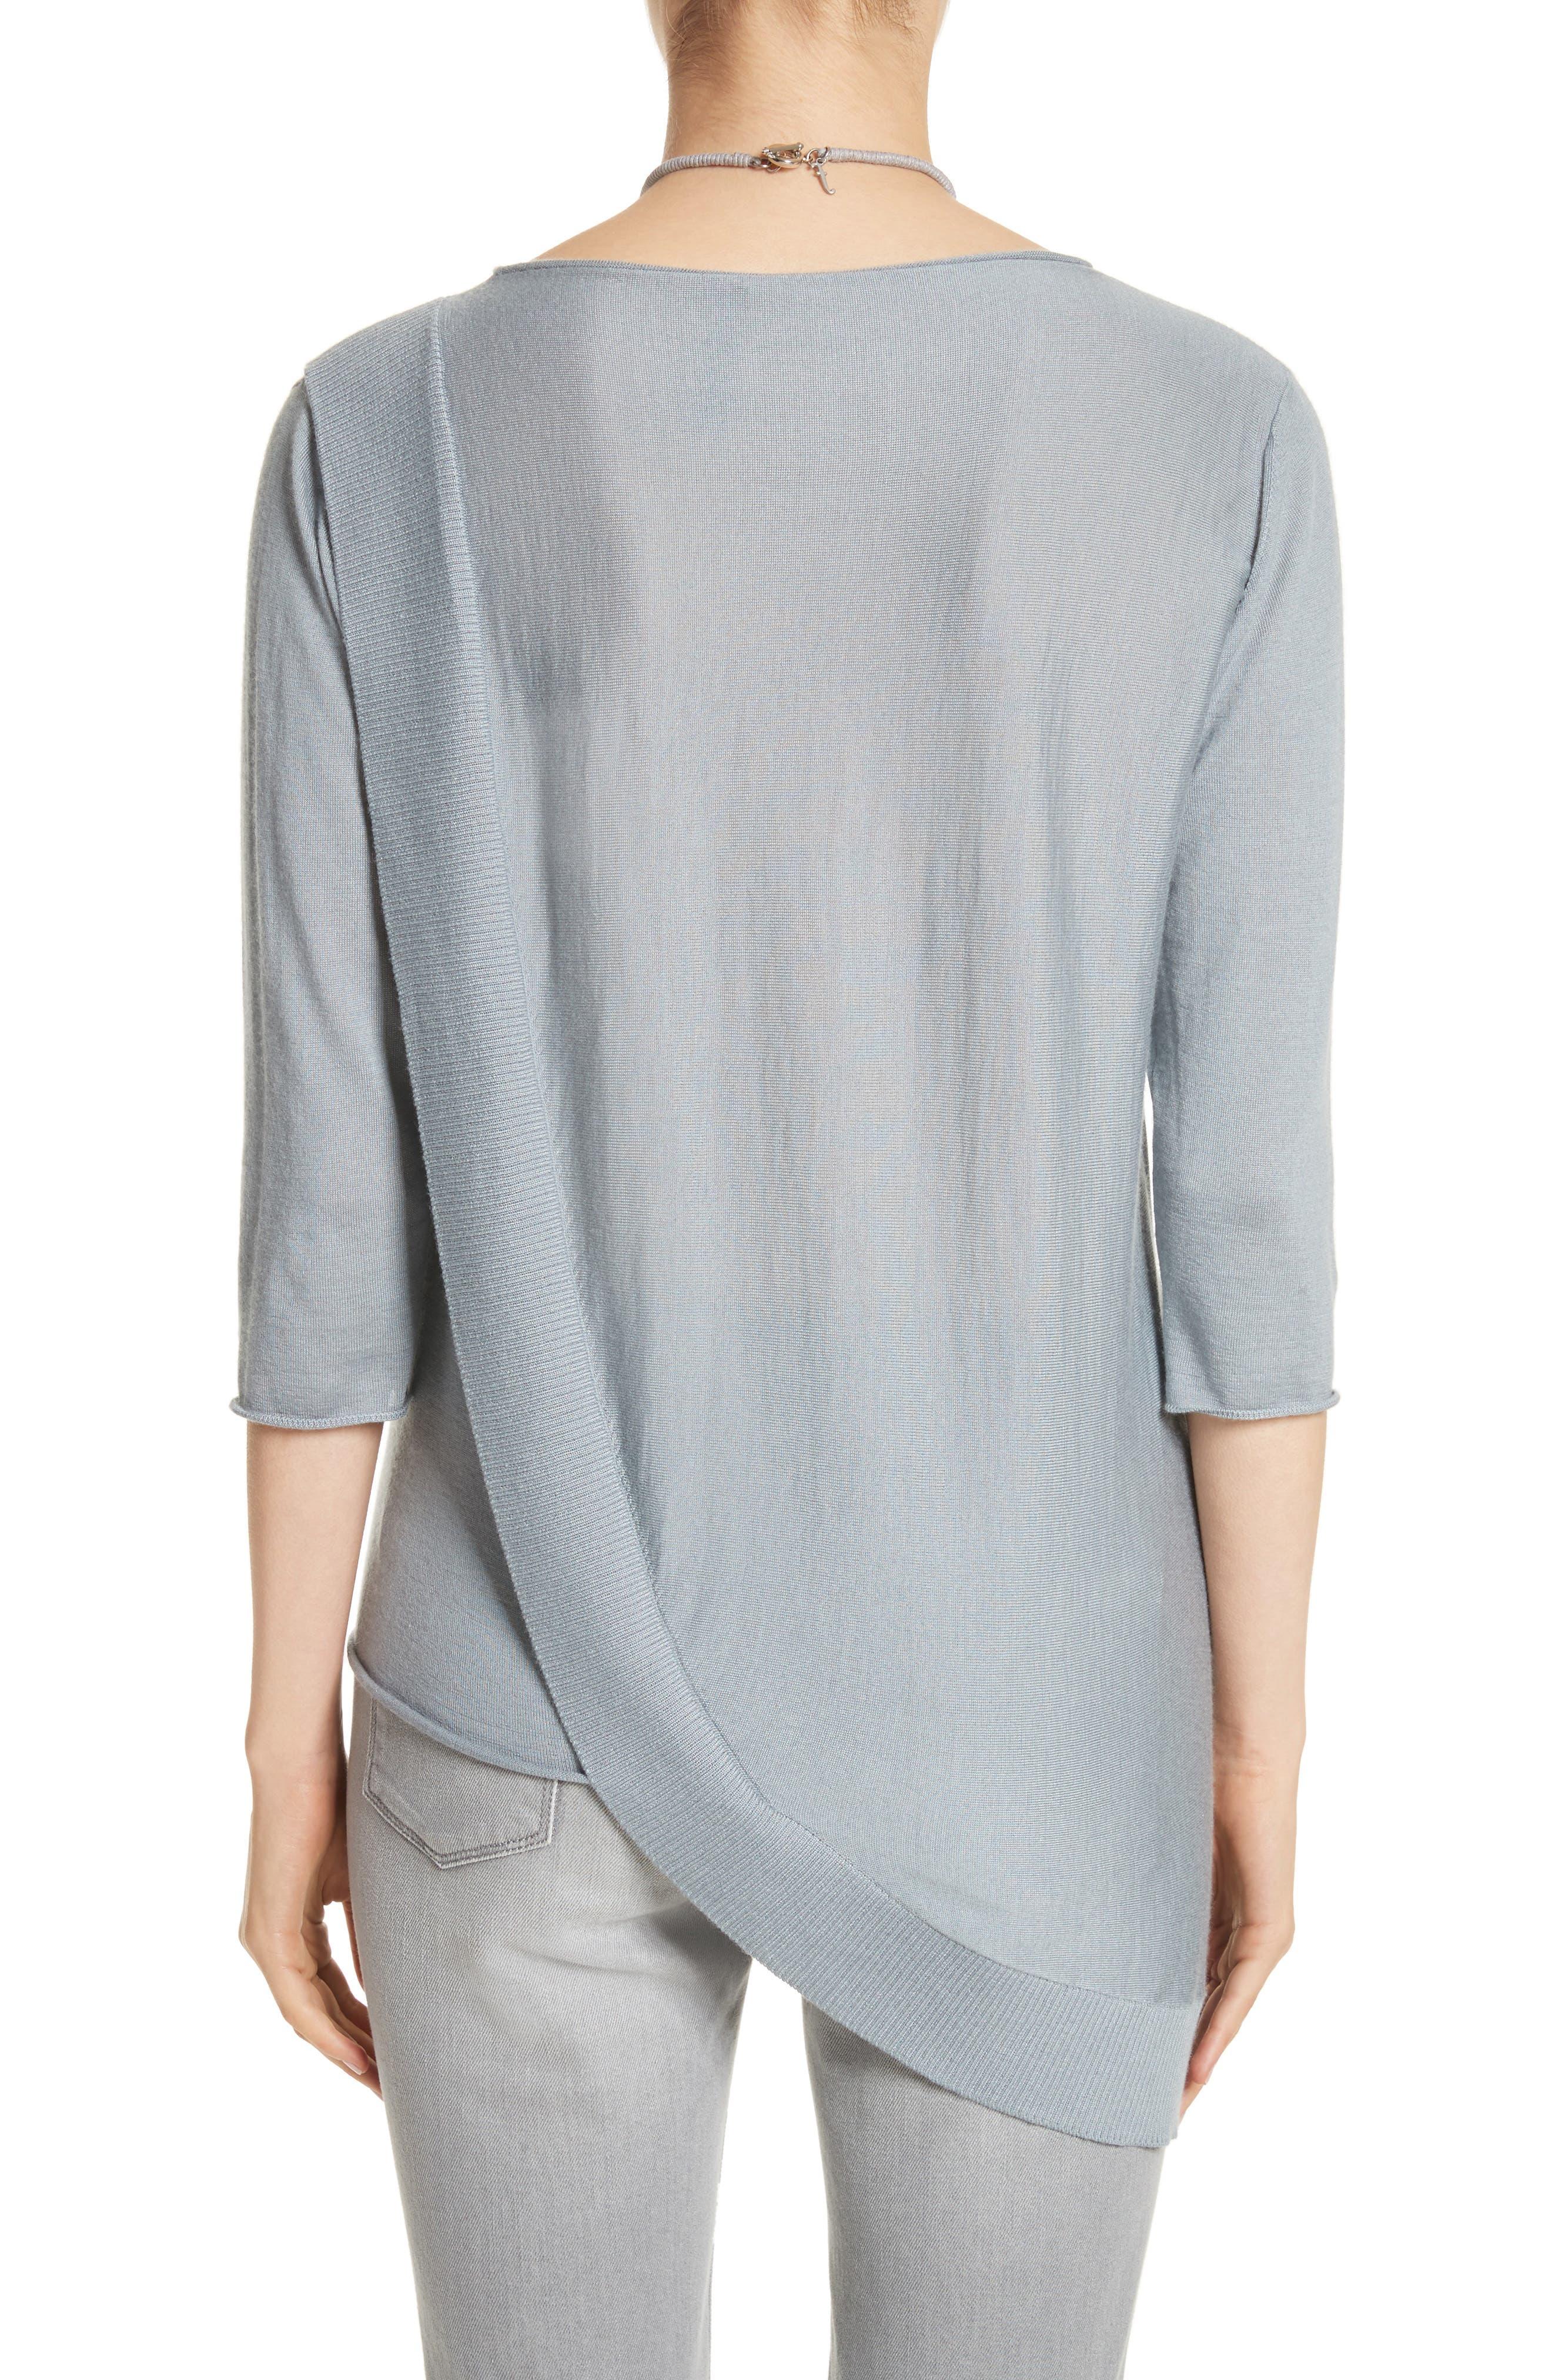 Alternate Image 2  - Fabiana Filippi Cashmere & Silk Drape Sweater